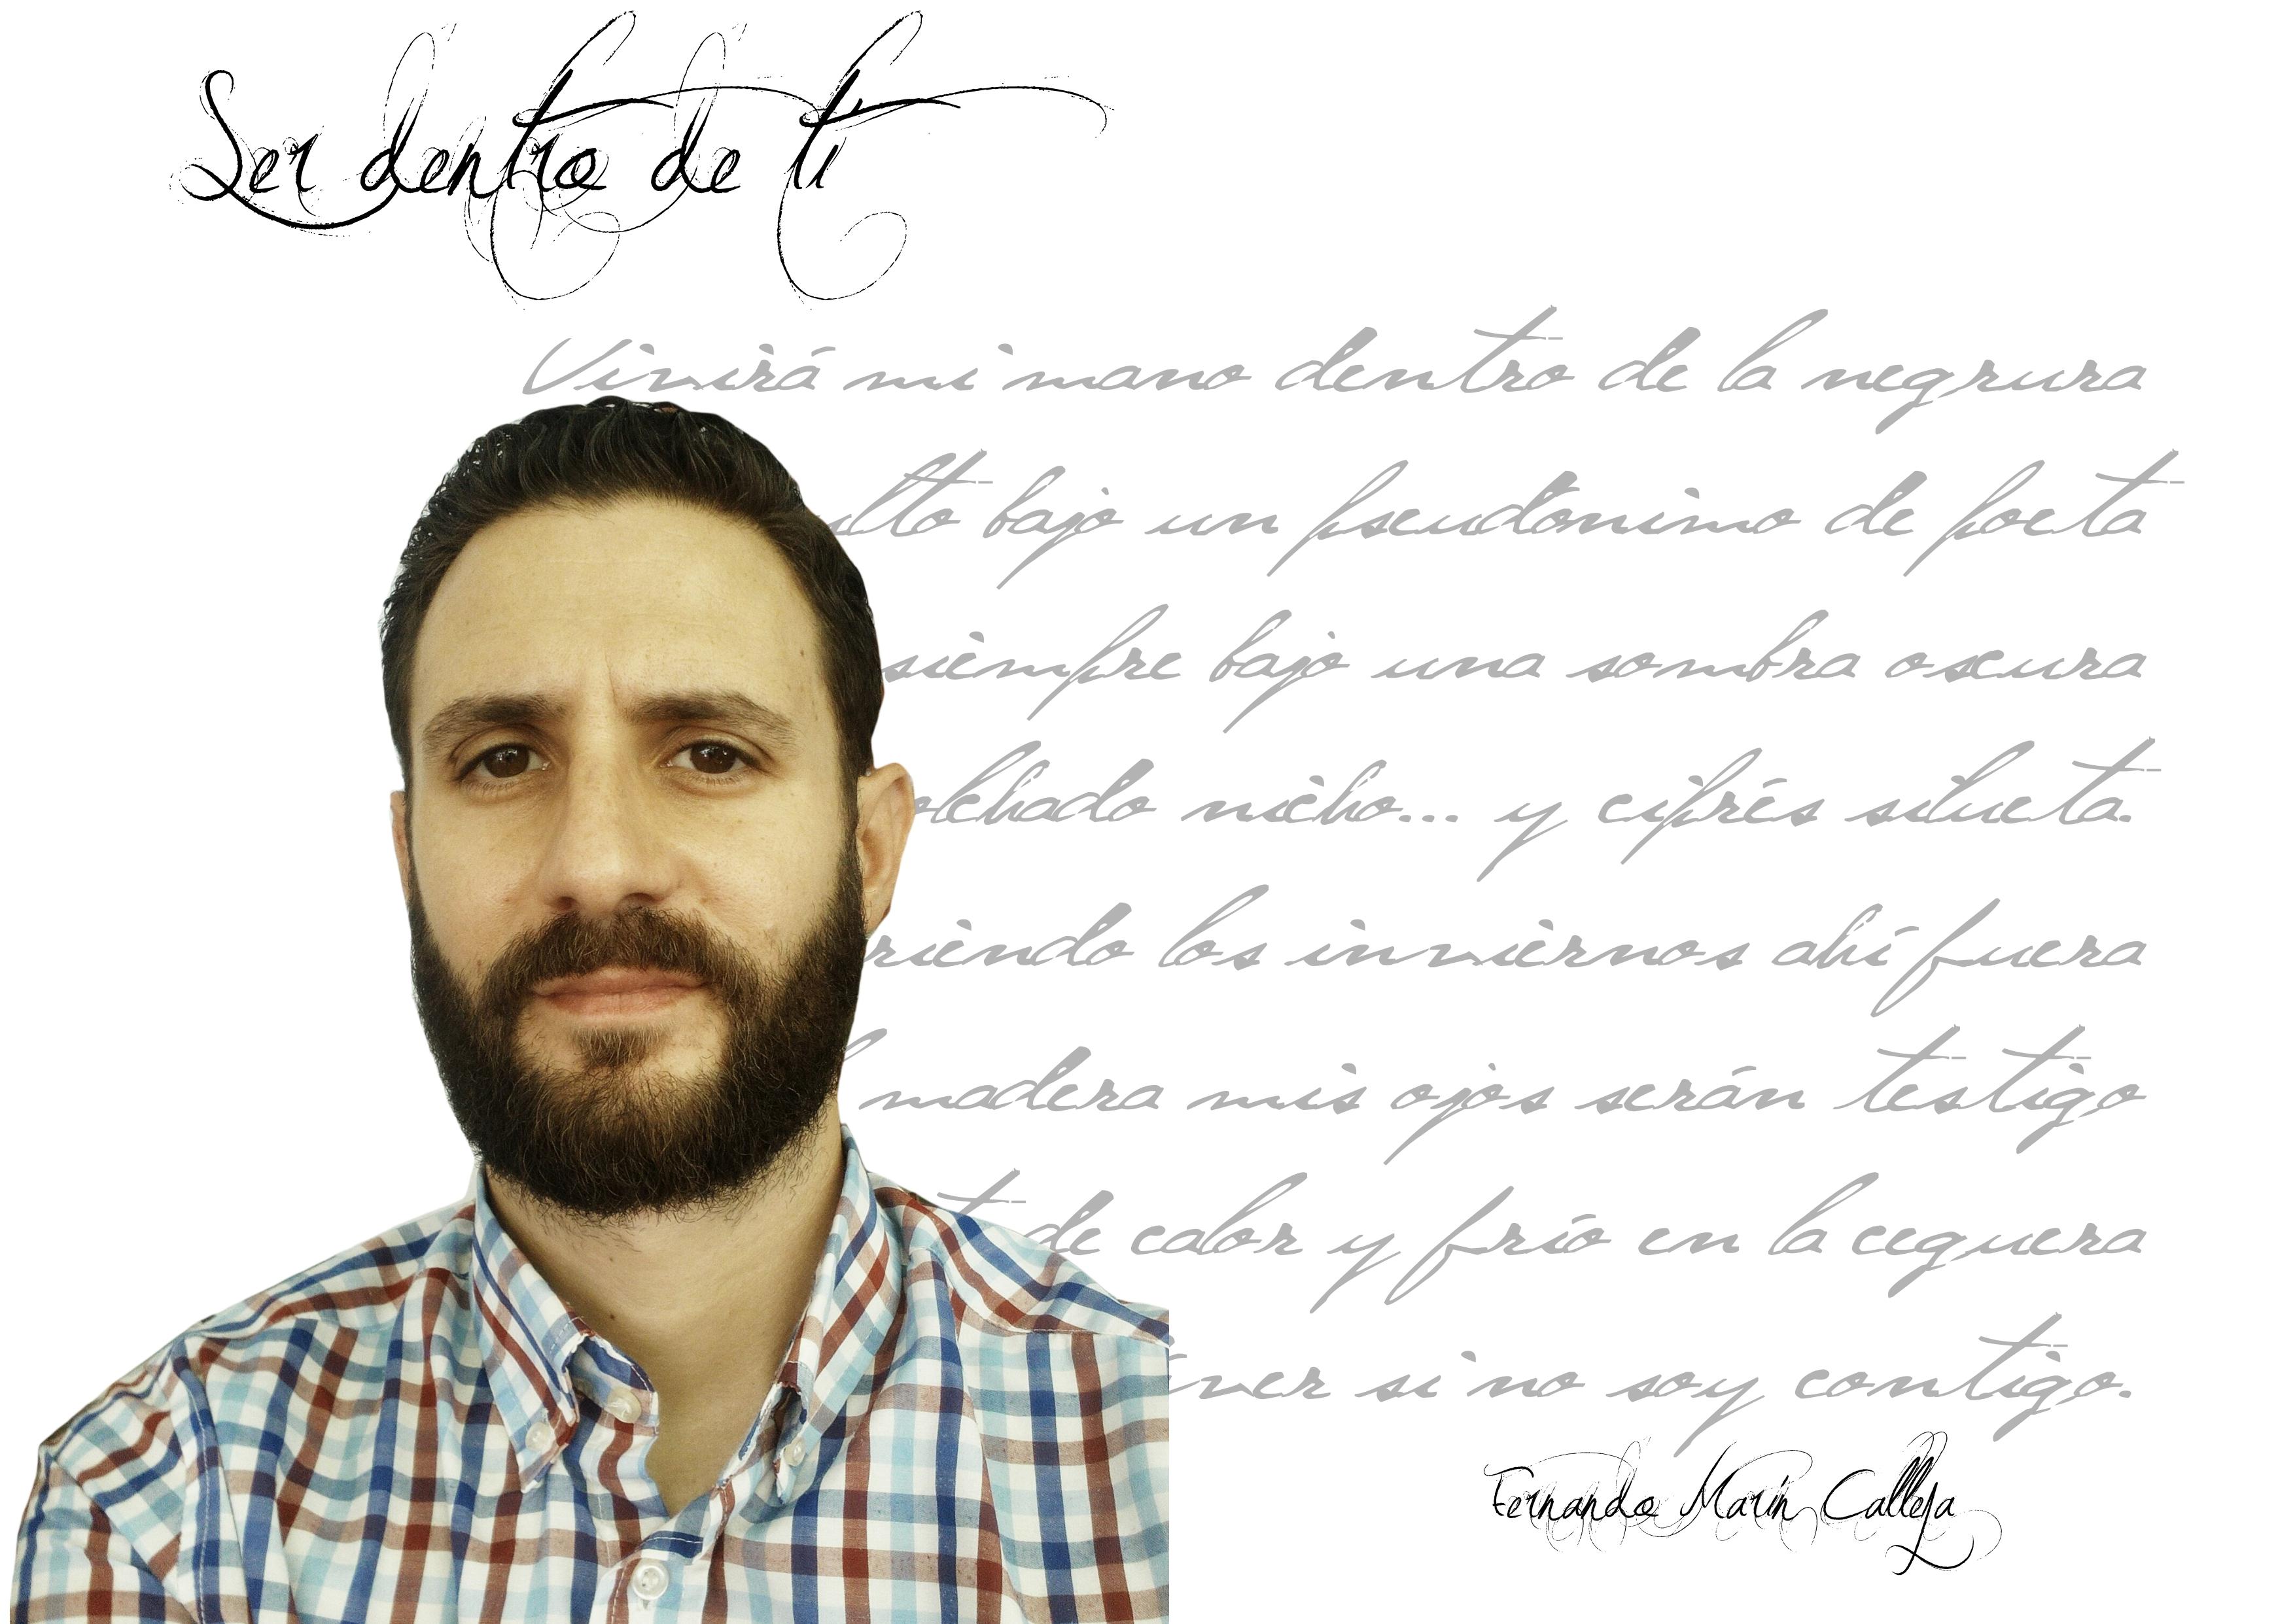 """Fernando Marín Calleja ser dentro de ti Fernando Marín Calleja: """"A través de la búsqueda de la rima y la métrica considero que mis poemas adquieren más calidad, profundidad y complejidad"""" FichaAutorSerdentrodeti"""